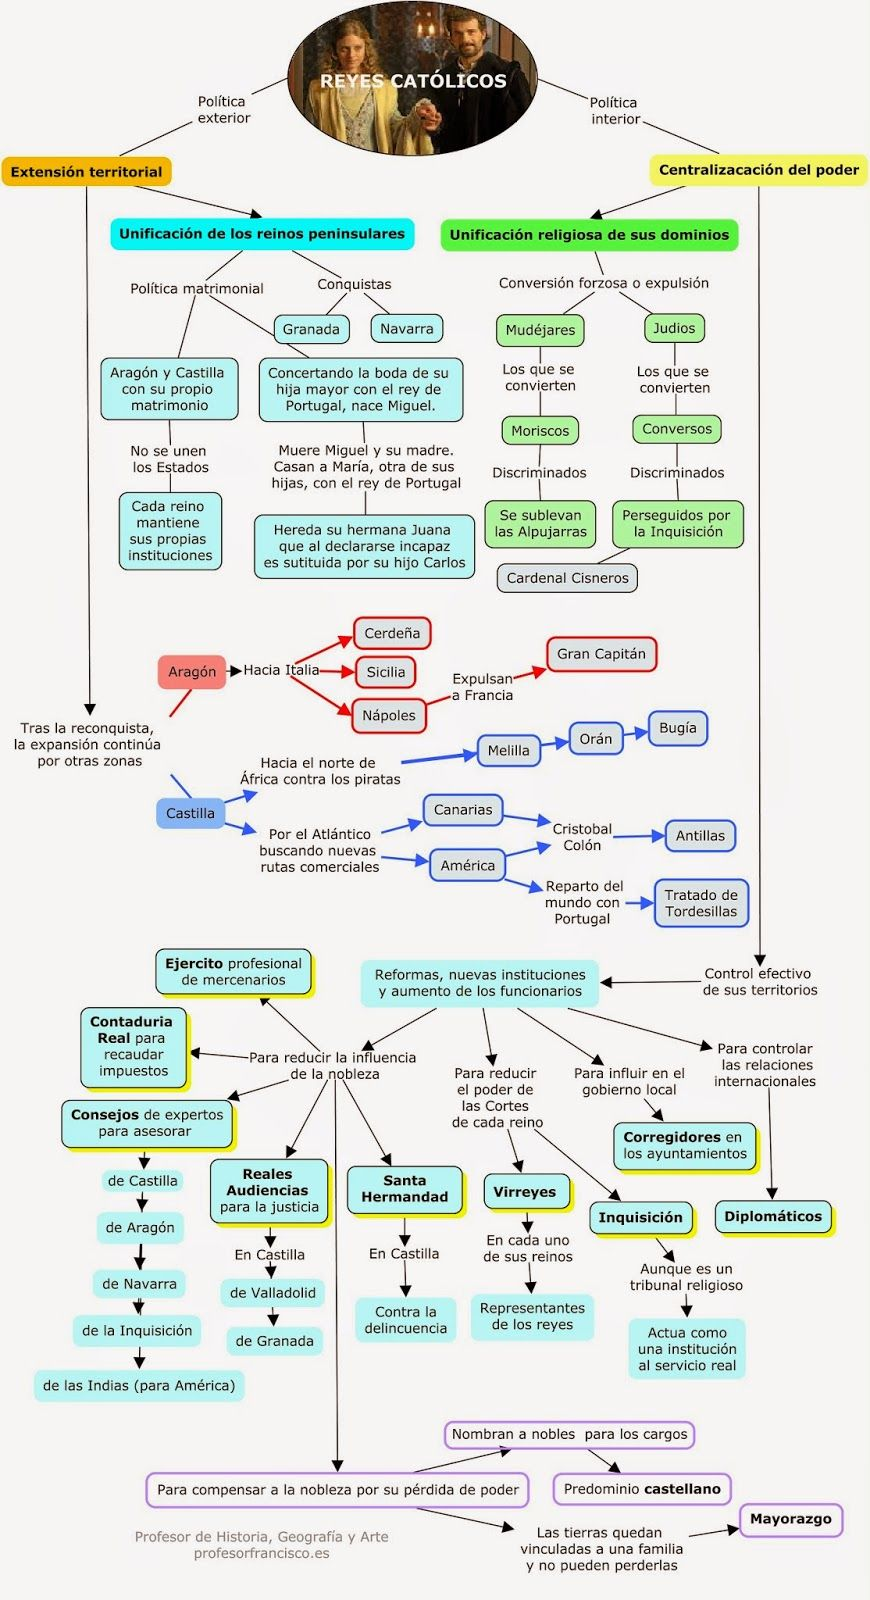 Mapas conceptuales o esquemas de historia